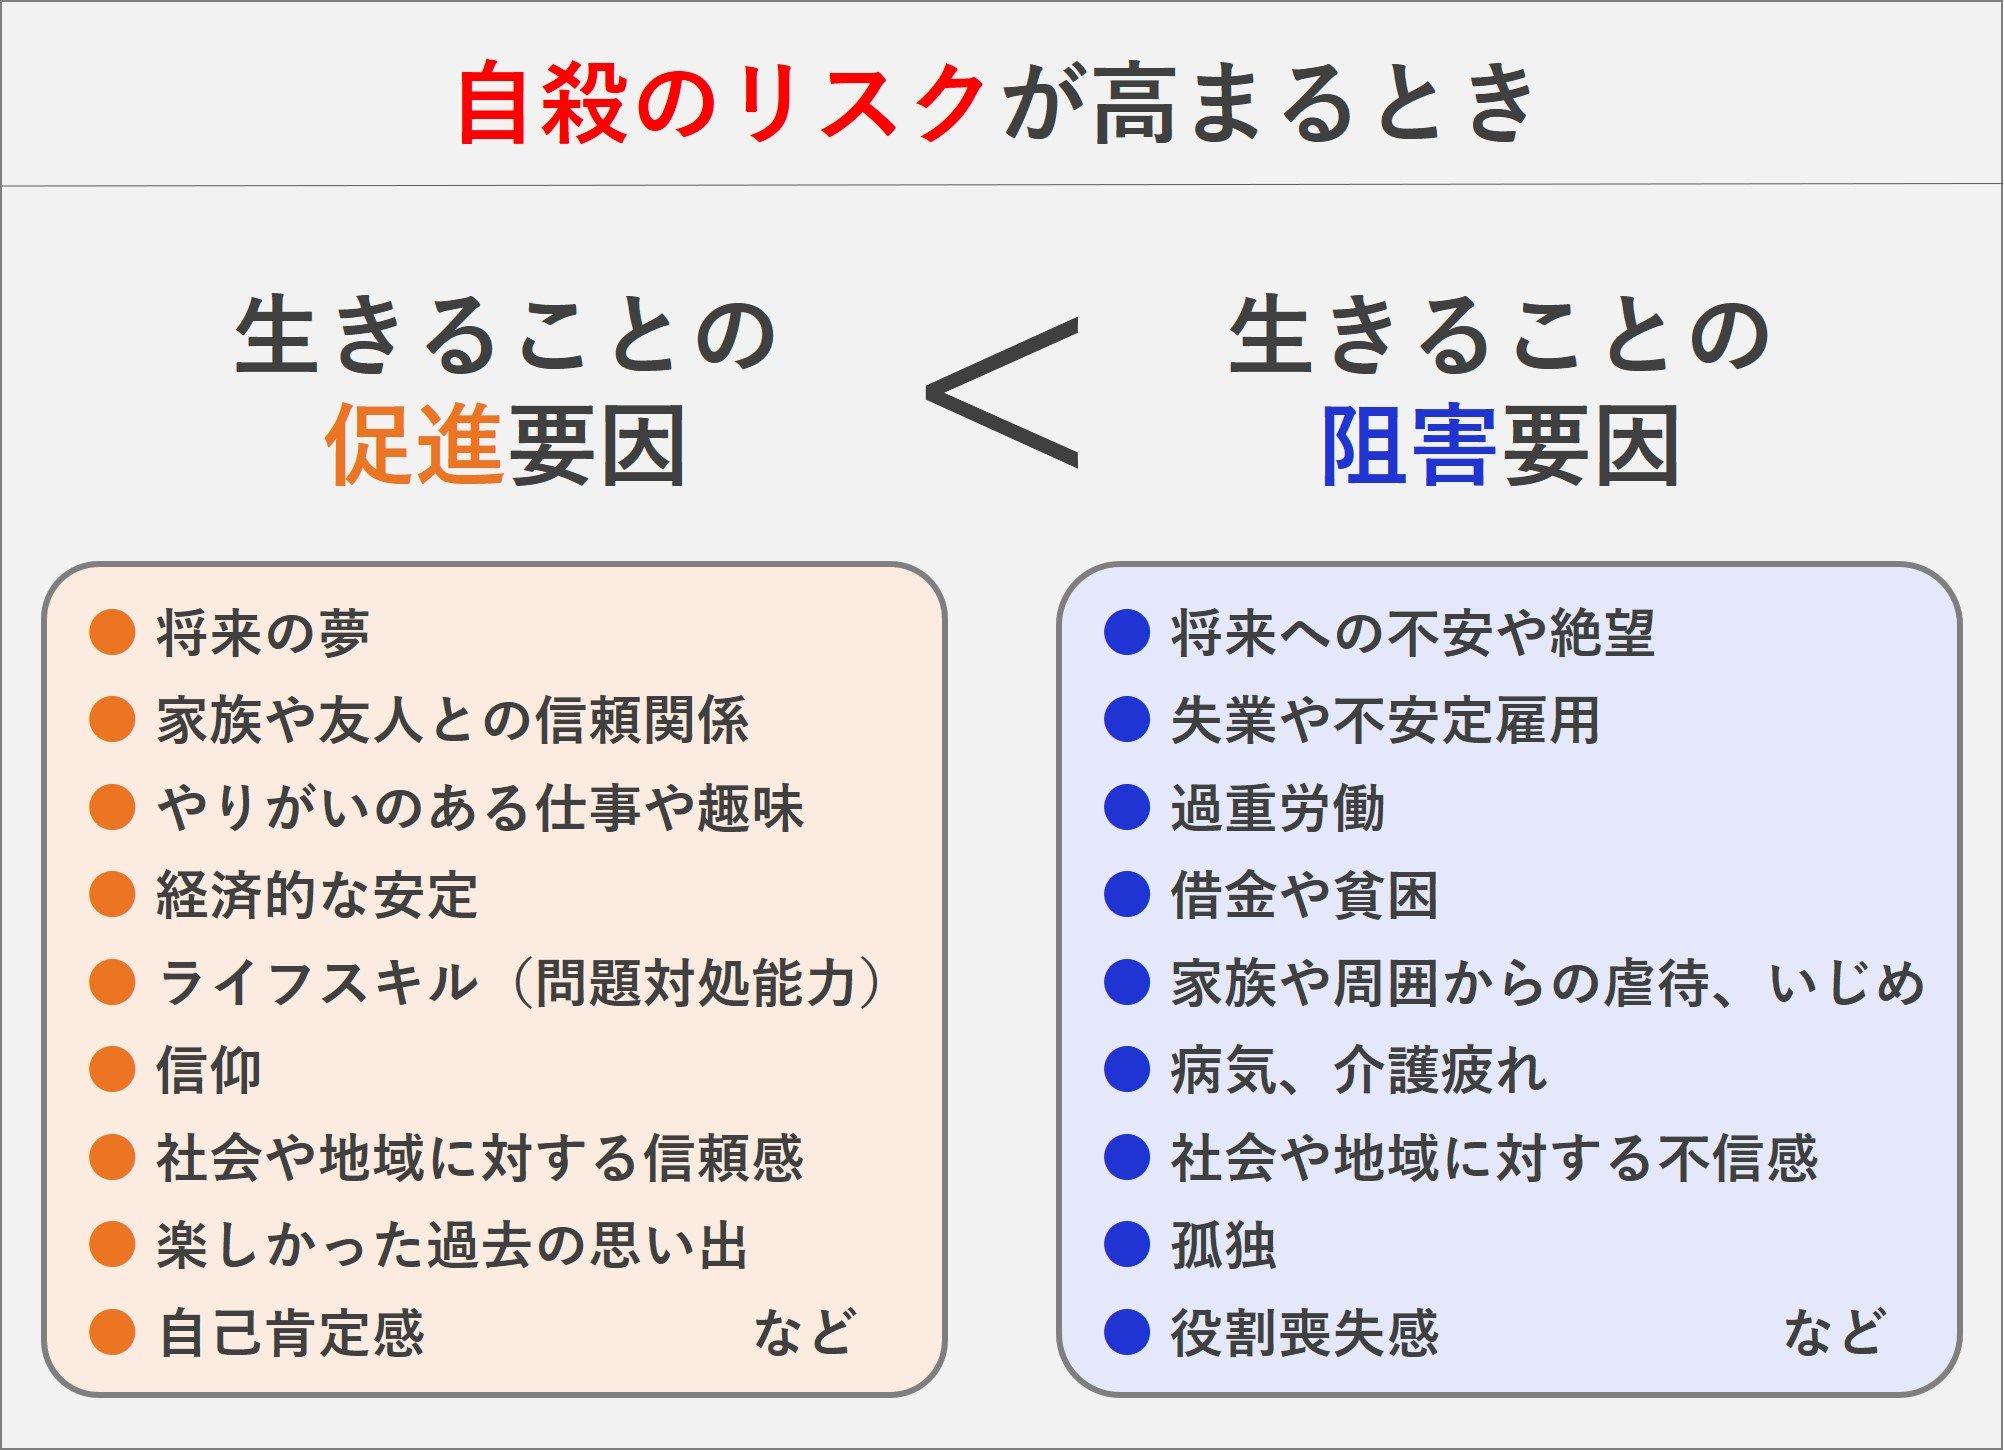 0330修正)生きることの促進要因と阻害要因の図_jpg.jpg